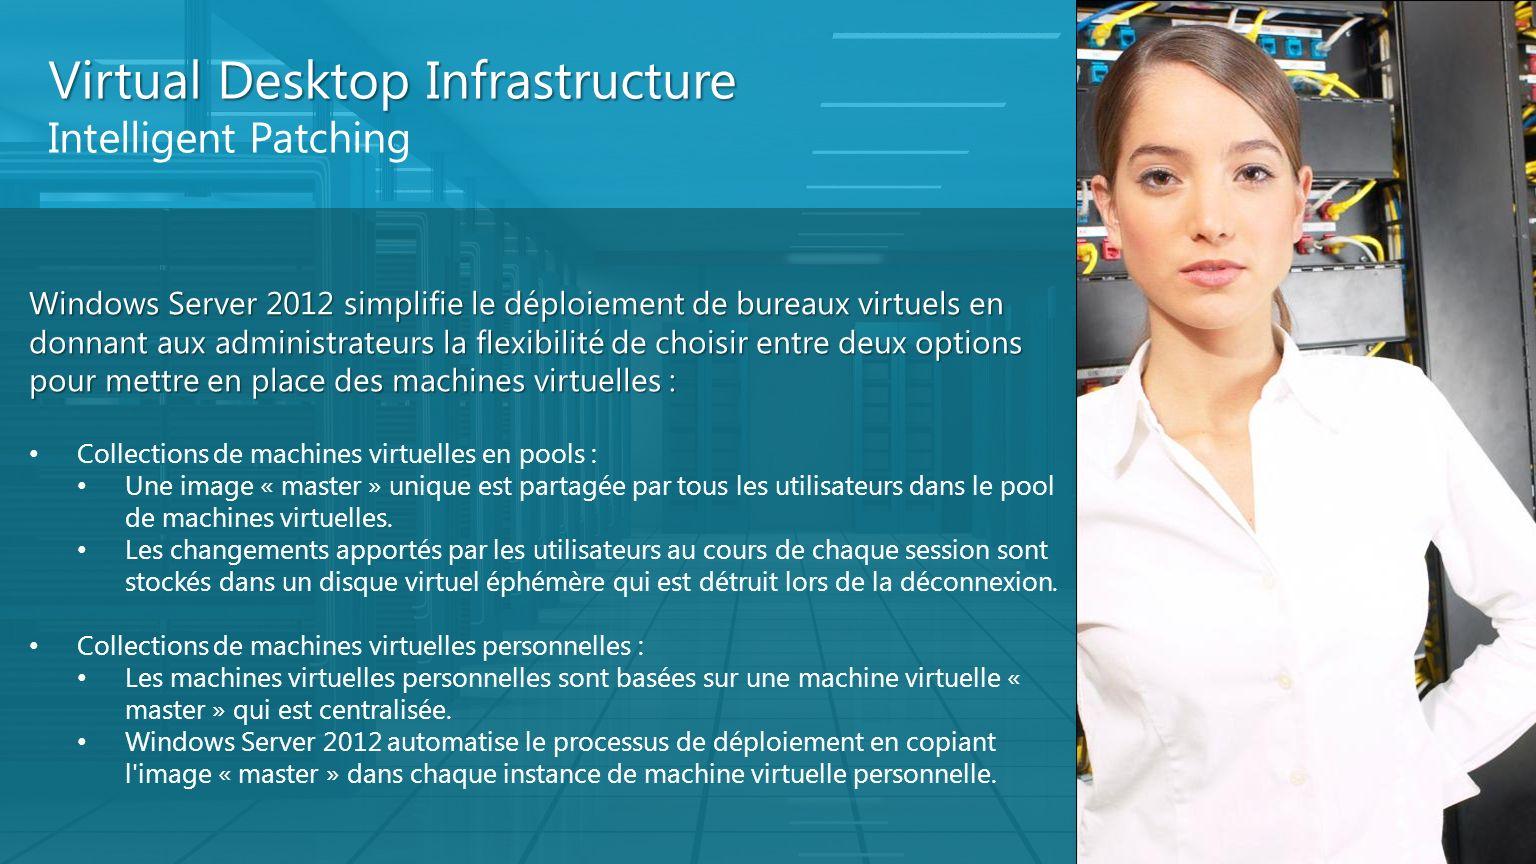 Virtual Desktop Infrastructure Intelligent Patching Windows Server 2012 simplifie le déploiement de bureaux virtuels en donnant aux administrateurs la